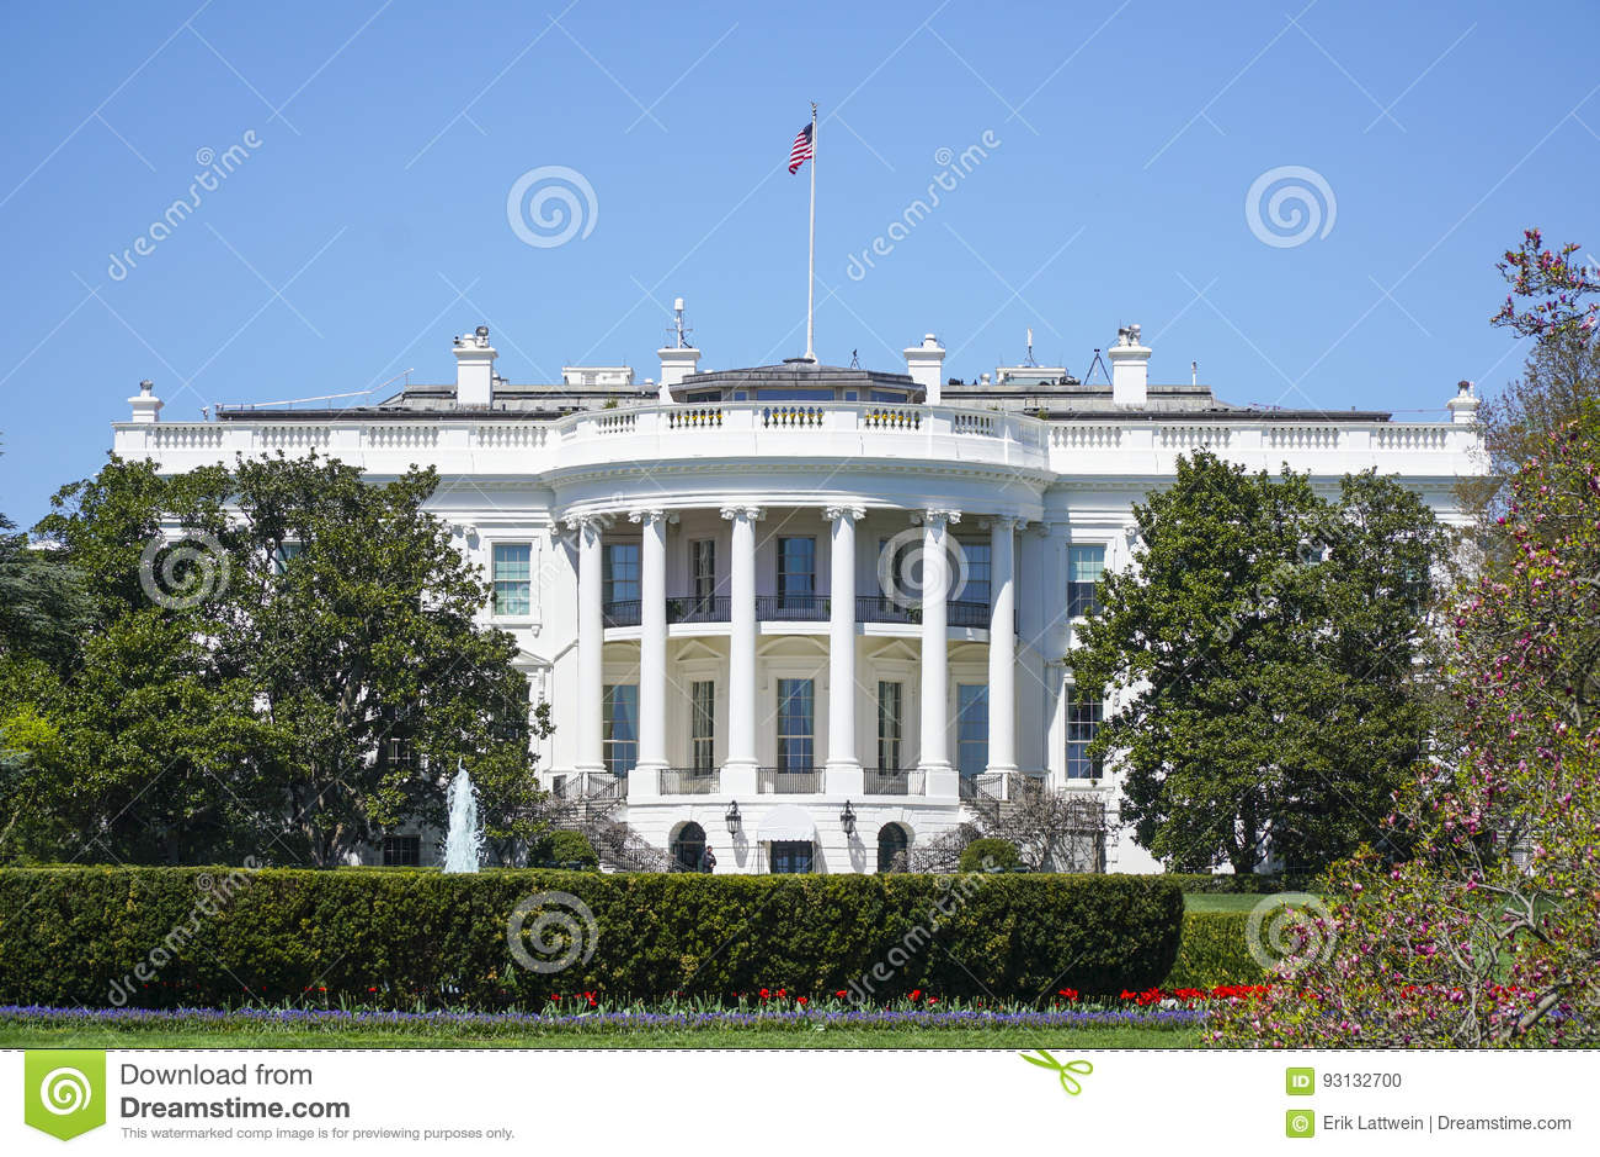 Das Weisse Haus In Washington Ovales Buro Washington Bezirk Columbia 8 April 2017 Stockfoto Bild Von 2017 Washington 93132700